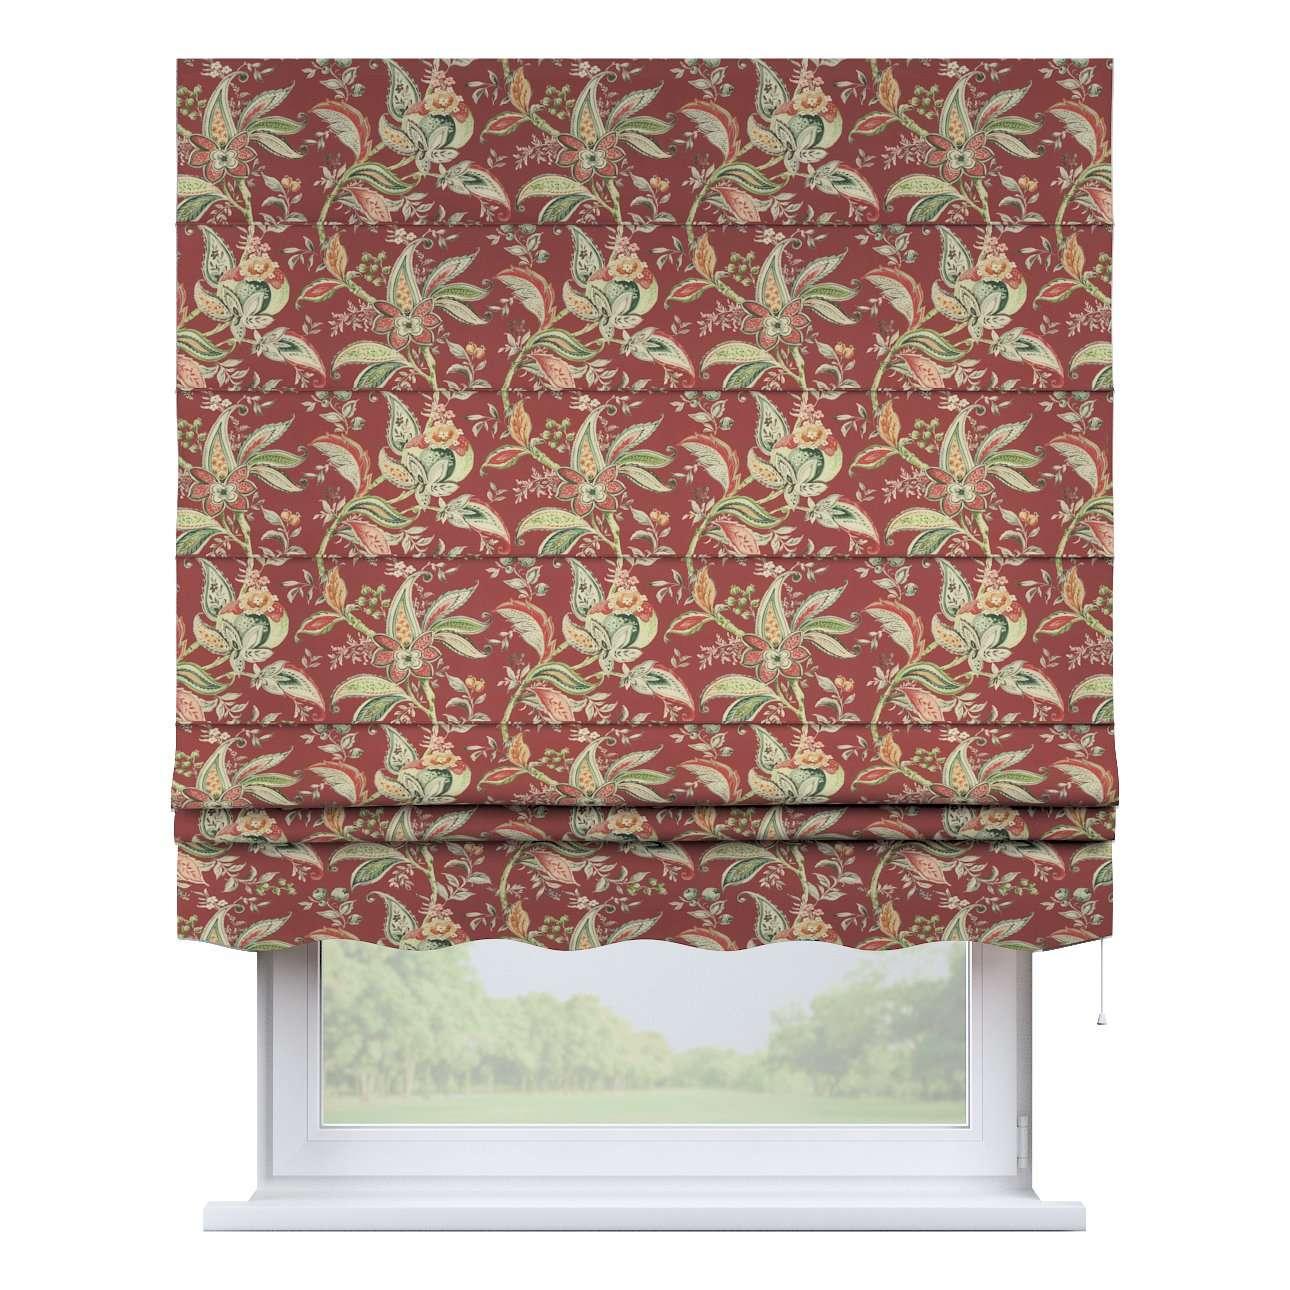 Roleta rzymska Florencja w kolekcji Gardenia, tkanina: 142-12